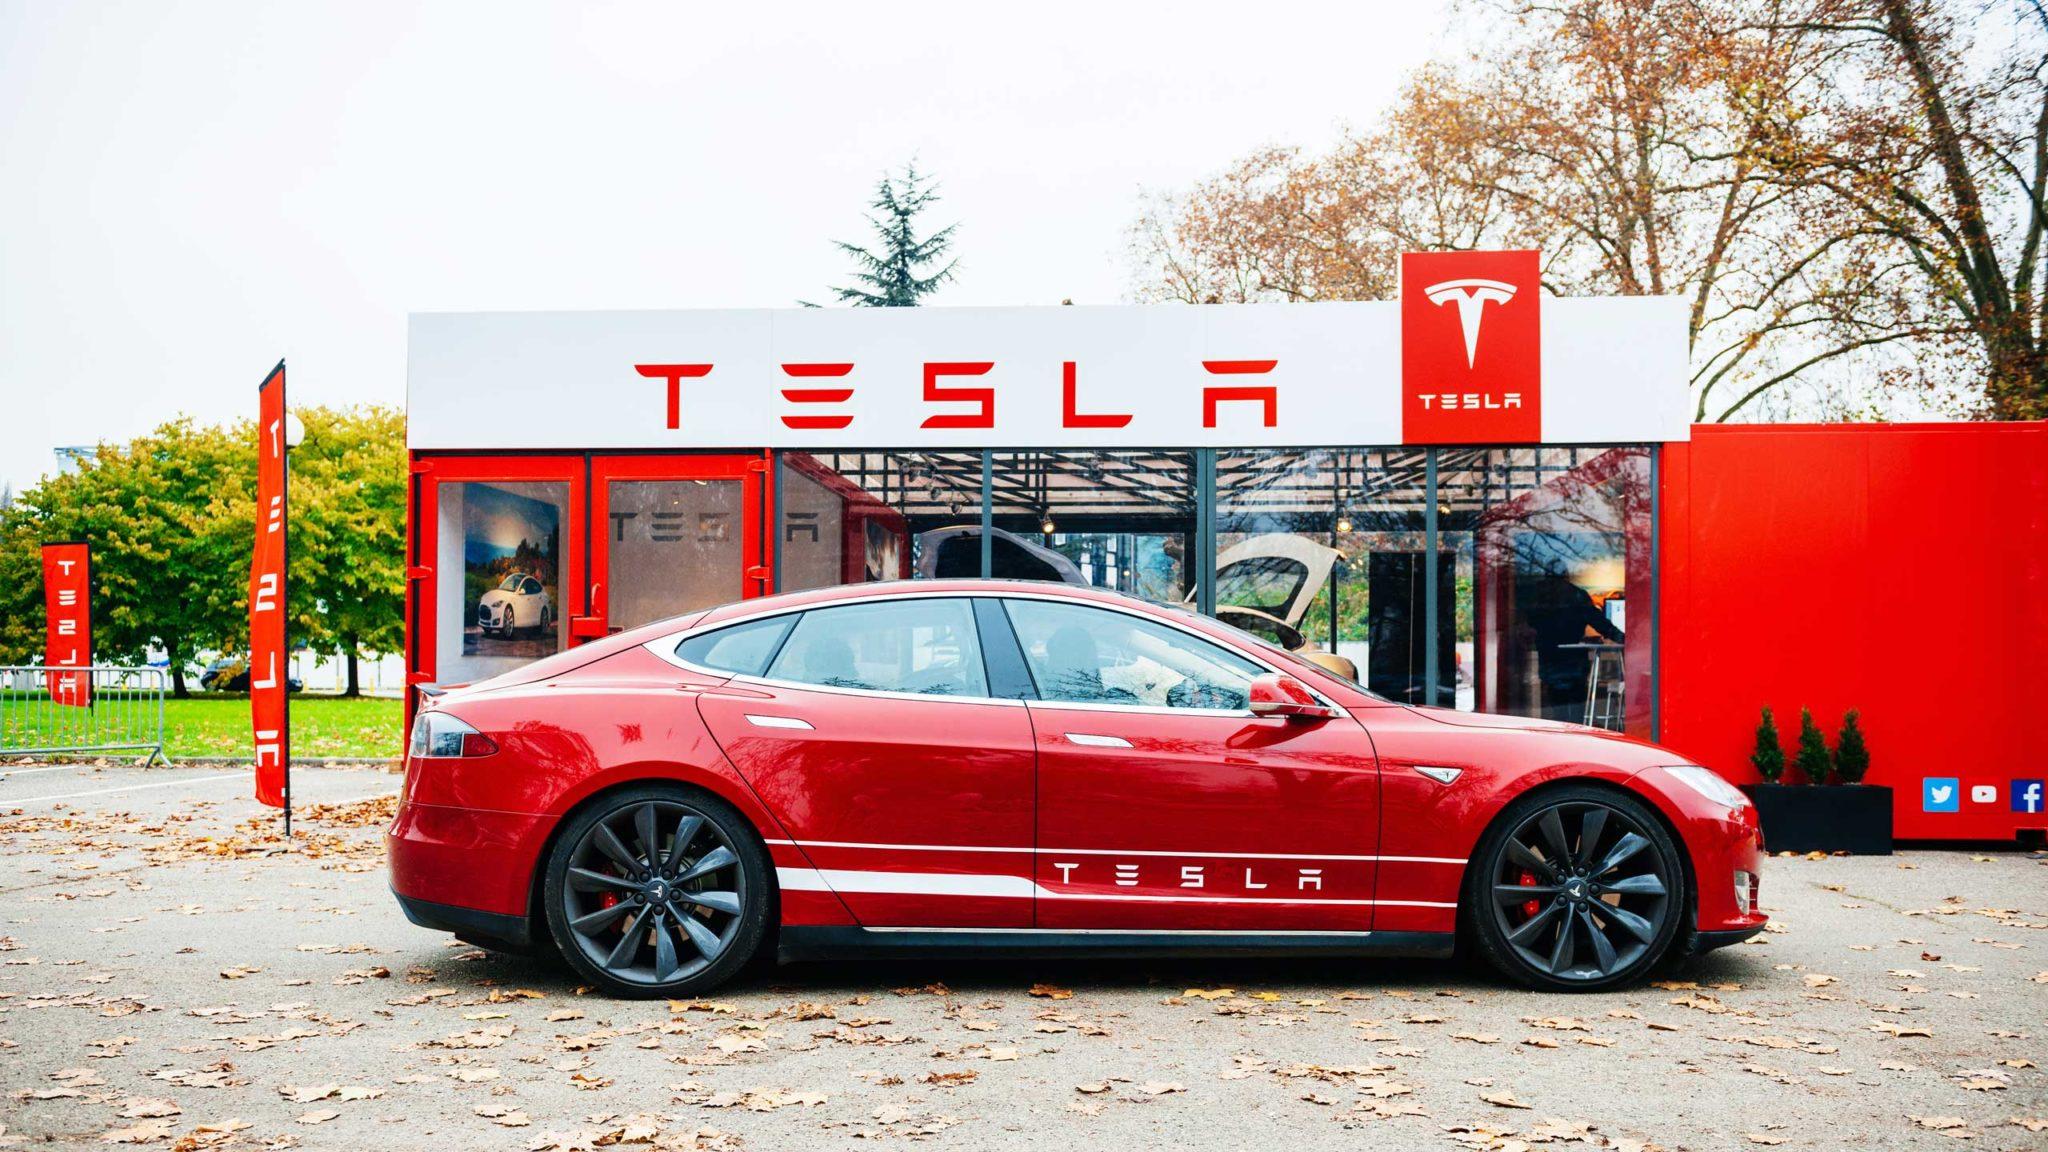 Red Tesla car outside Tesla shop